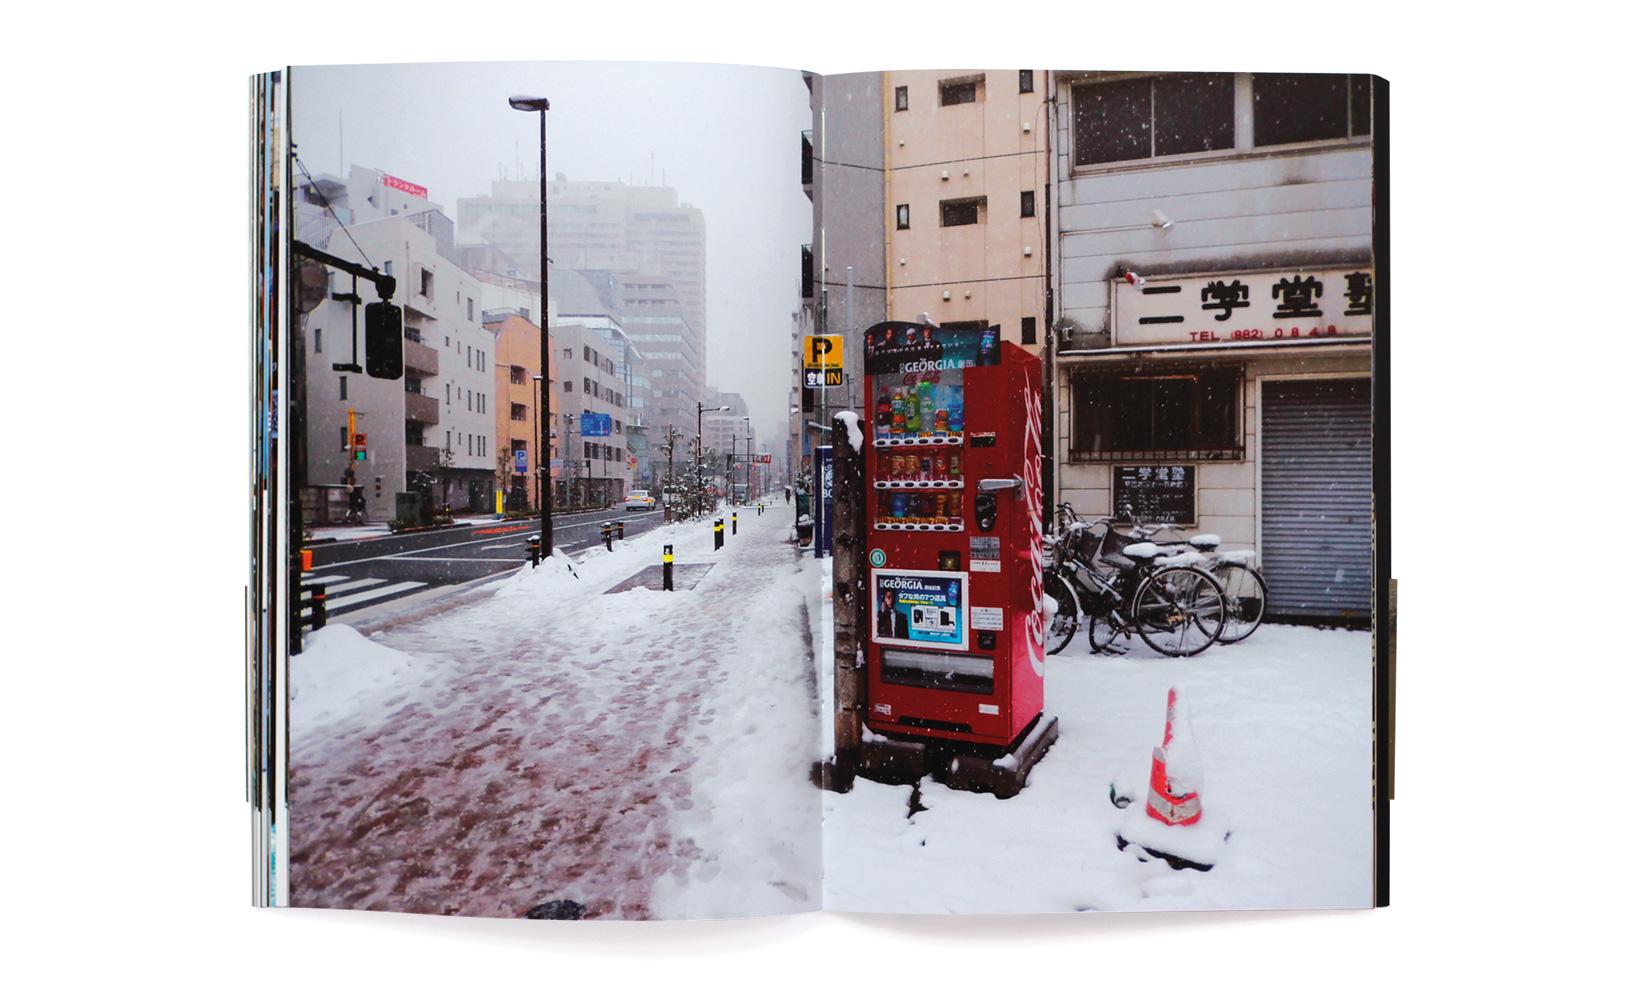 Daido-moriyama-fondation-cartier-09.jpg